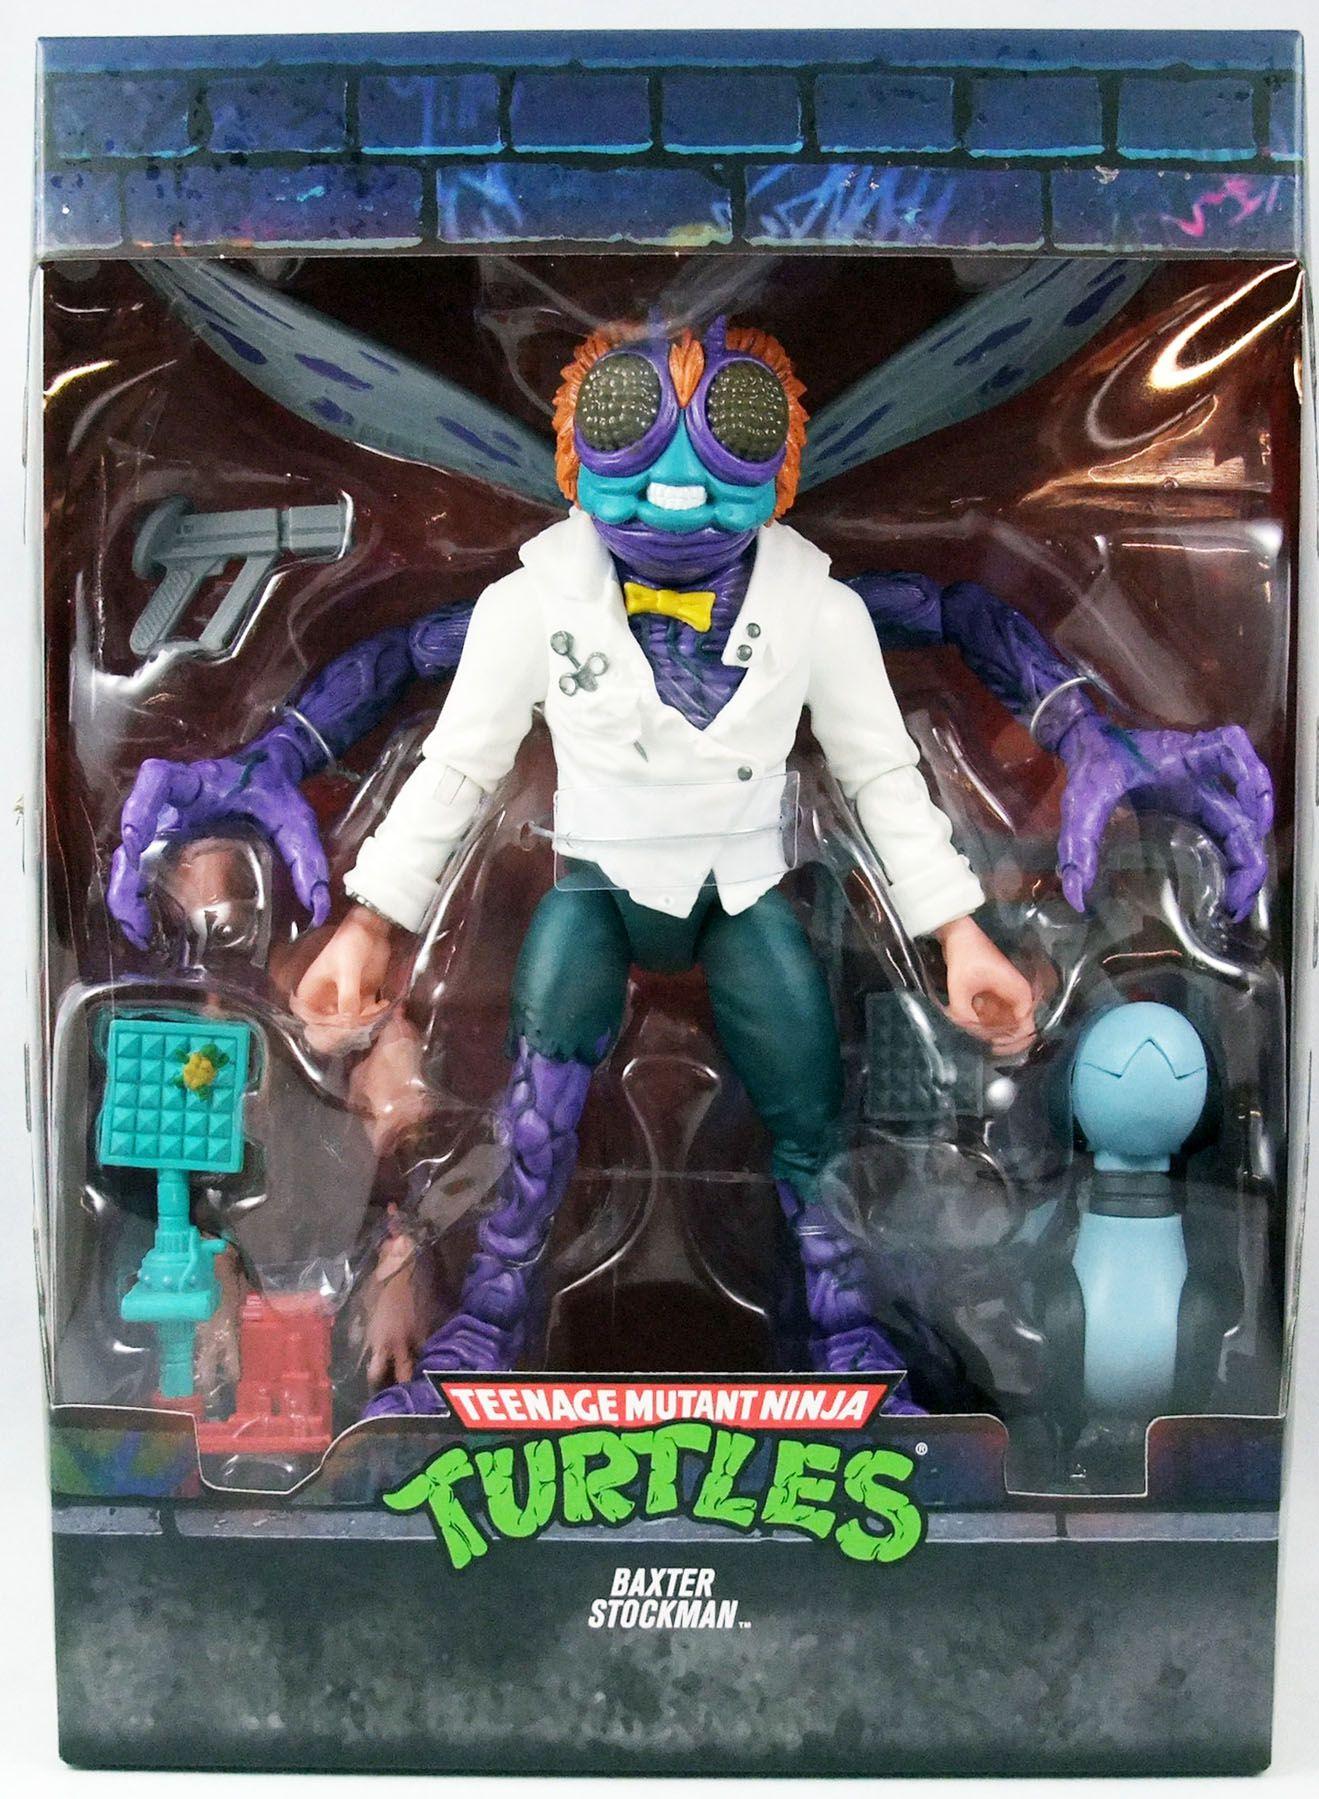 Teenage Mutant Ninja Turtles - Super7 Ultimates Figures - Baxter Stockman